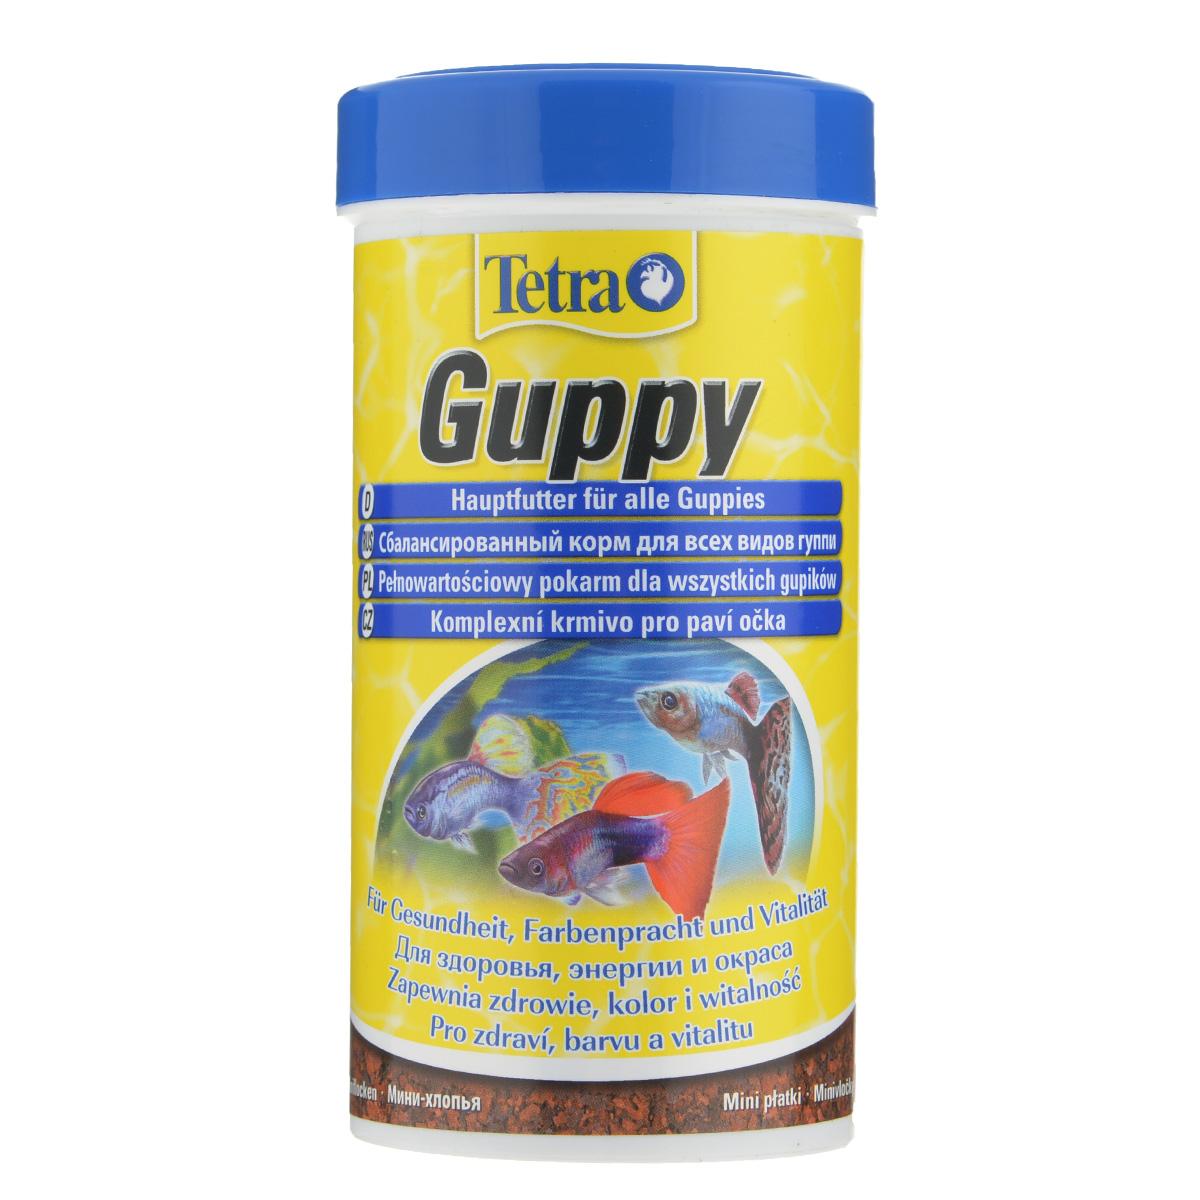 Корм Tetra Guppy для всех видов гуппи, в виде мини-хлопьев, 250 мл0120710Корм Tetra Guppy - это высококачественный сбалансированный питательный корм в виде мини-хлопьев для всех видов гуппи, а также для других живородящих аквариумных рыб. Особенности Tetra Guppy:мини-хлопья изготовлены специально для маленьких ртов гуппи и других живородящих рыб,высокое содержание растительных ингредиентов и минералов для улучшения вкусовых качеств и роста,усилители окраса для ярких цветов. Рекомендации по кормлению: кормить несколько раз в день маленькими порциями. Характеристики: Состав: экстракты растительного белка, зерновые культуры, дрожжи, моллюски и раки, масла и жиры, водоросли, сахар, минеральные вещества.Пищевая ценность: сырой белок - 45%, сырые масла и жиры - 8%, сырая клетчатка - 4,0%, влага - 8%.Добавки: витамины, провитамины и химические вещества с аналогичным воздействием: витамин А 27800 МЕ/кг, витамин Д3 850 МЕ/кг. Красители, антиоксиданты. Вес: 250 мл (75 г).Товар сертифицирован.